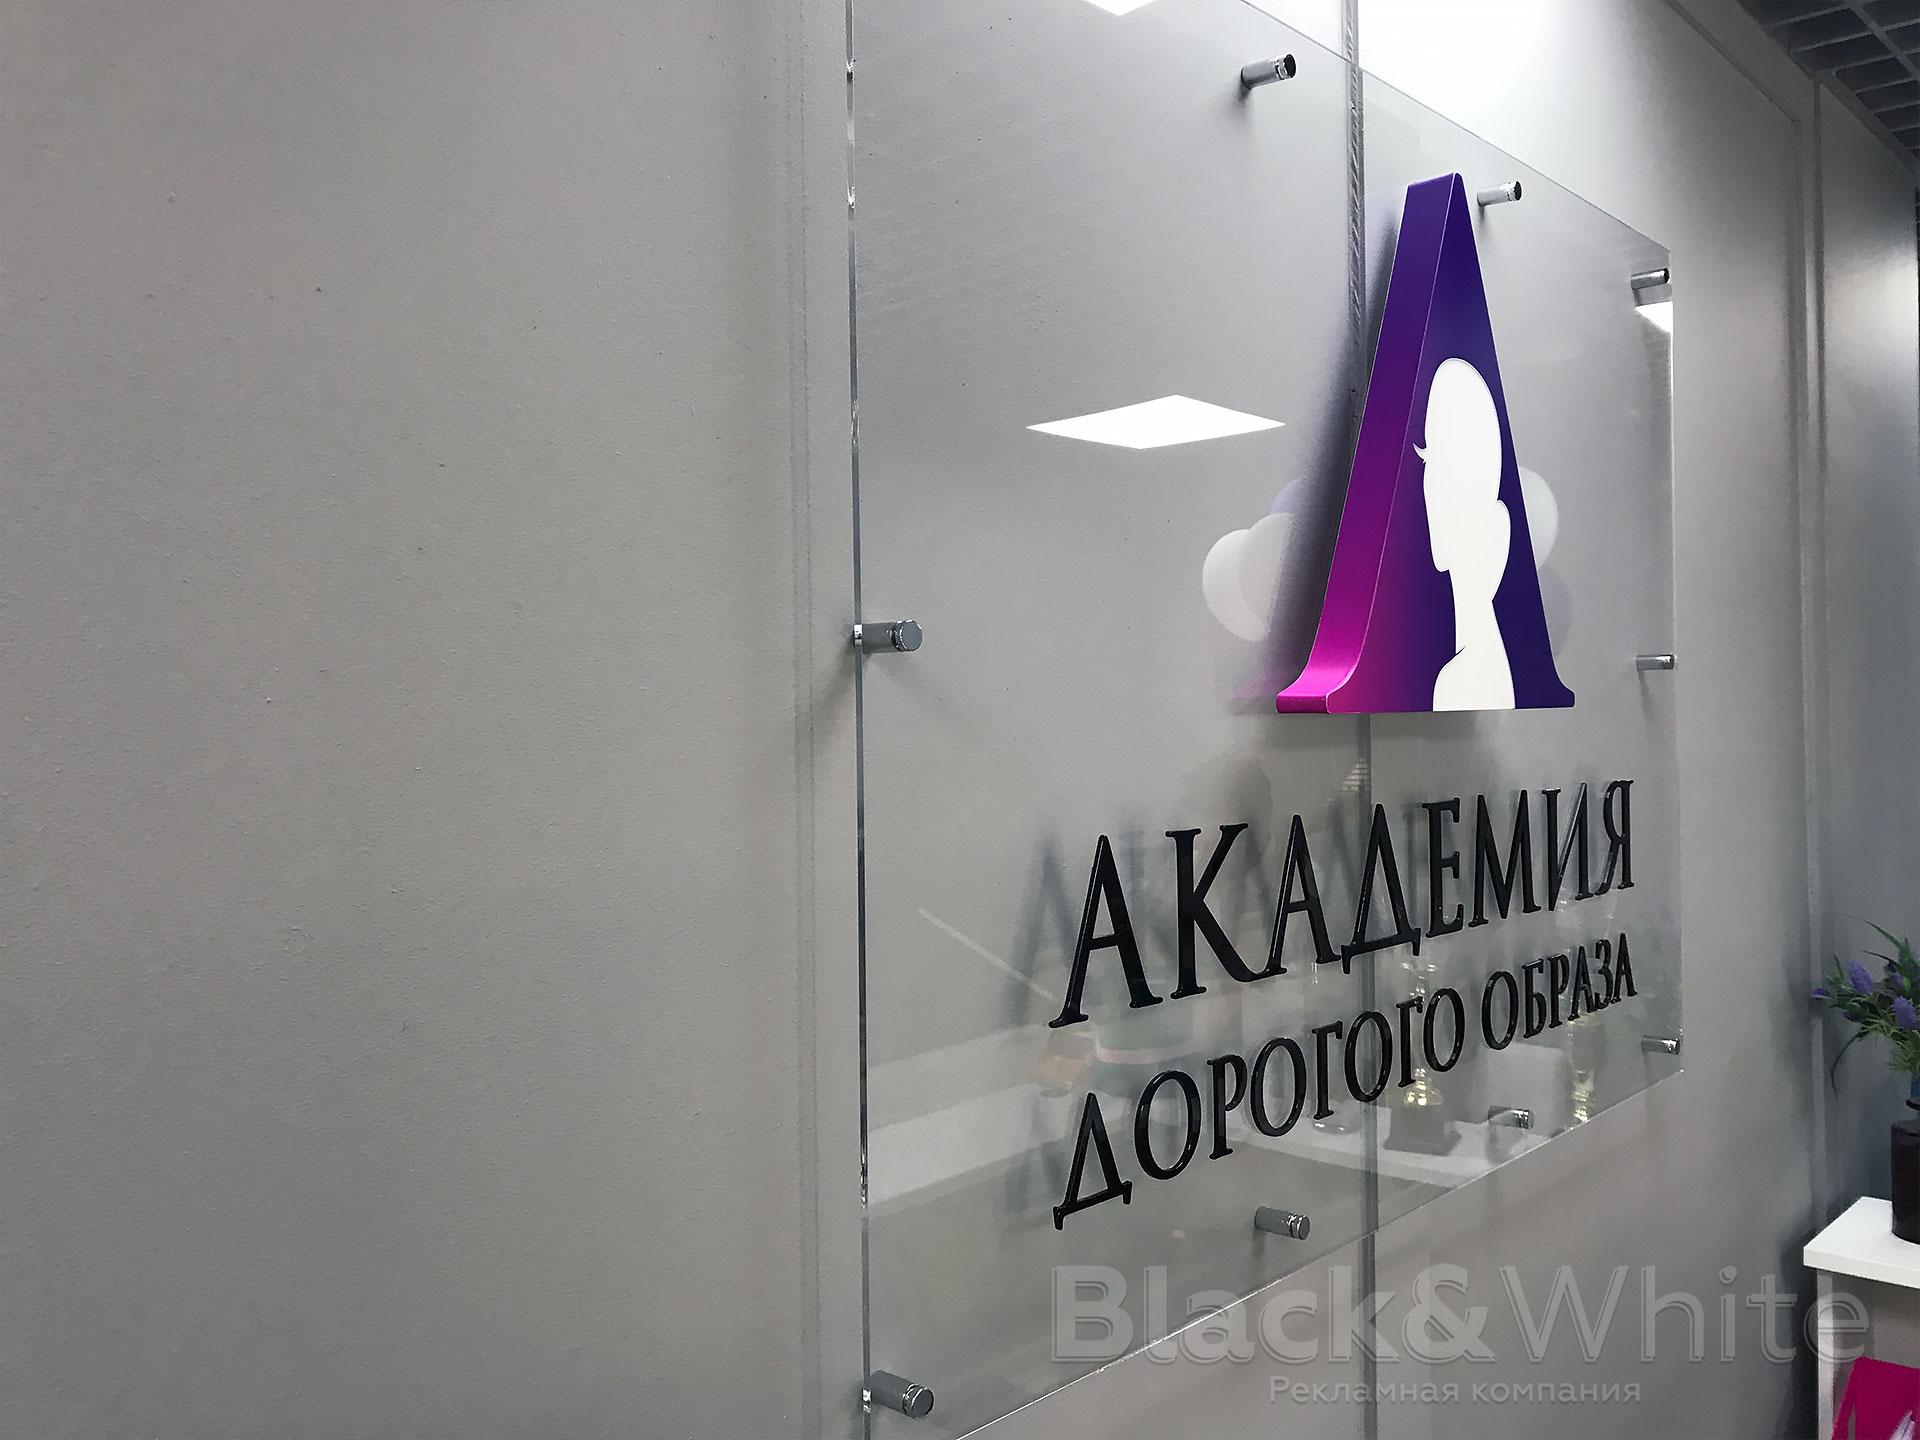 Интерьерная-вывеска-на-ресепшн-Академия-дорогого-образа-Black&White-красноярск.jpg